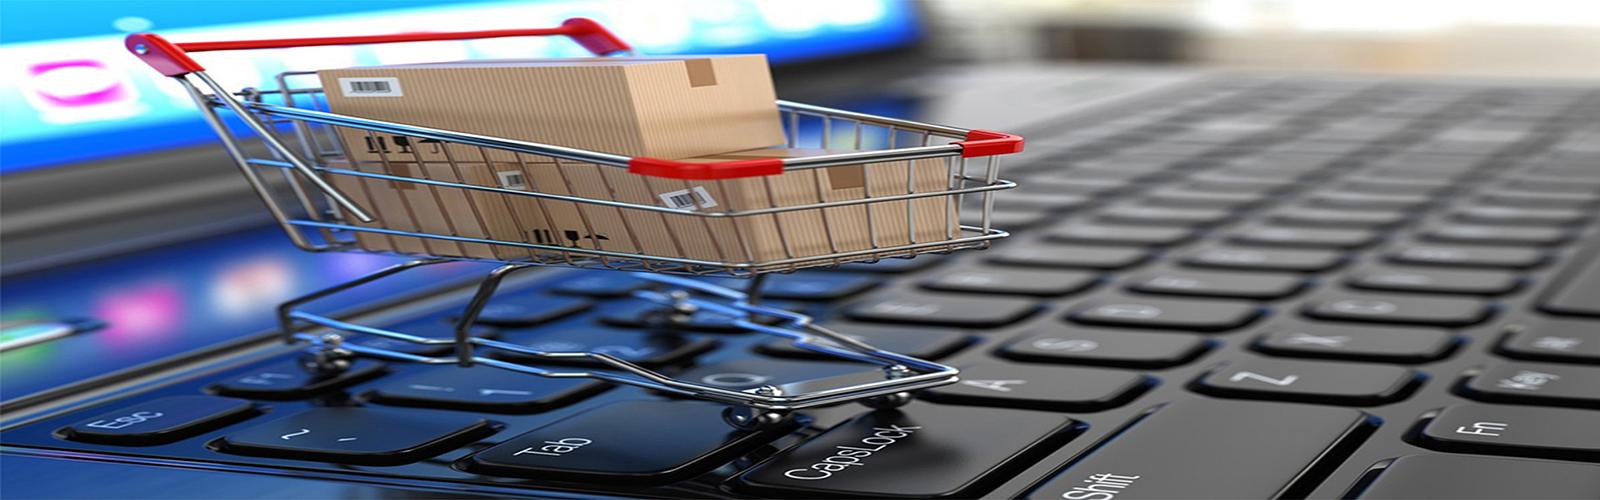 Продажа комплектующих и расходных материалов